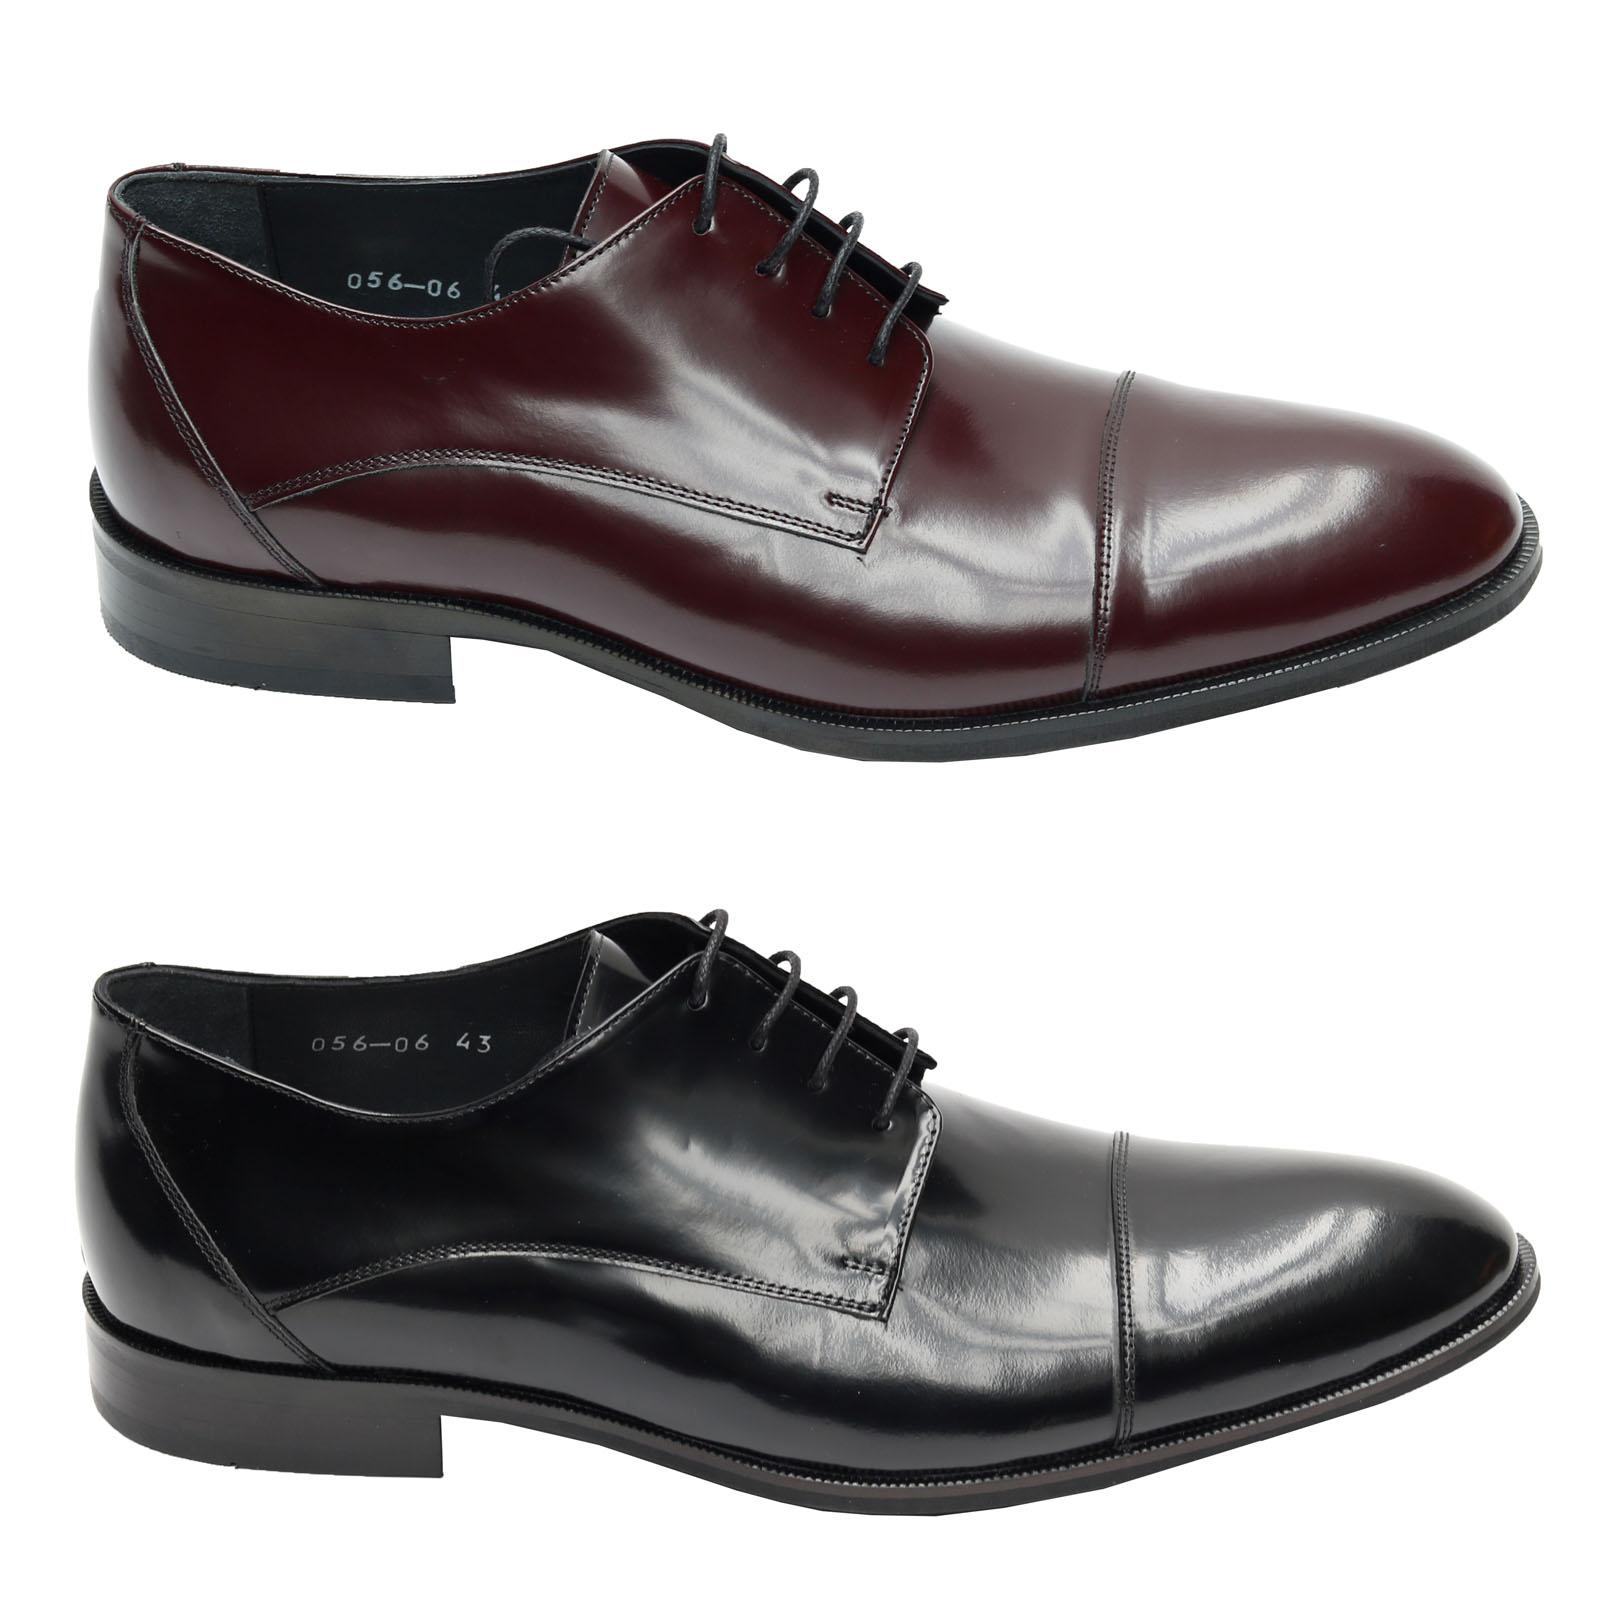 05b3116d2b7364 Elegante Herren Schuhe für viele Anlässe Schwarz und Bordeaux Größen 39-46